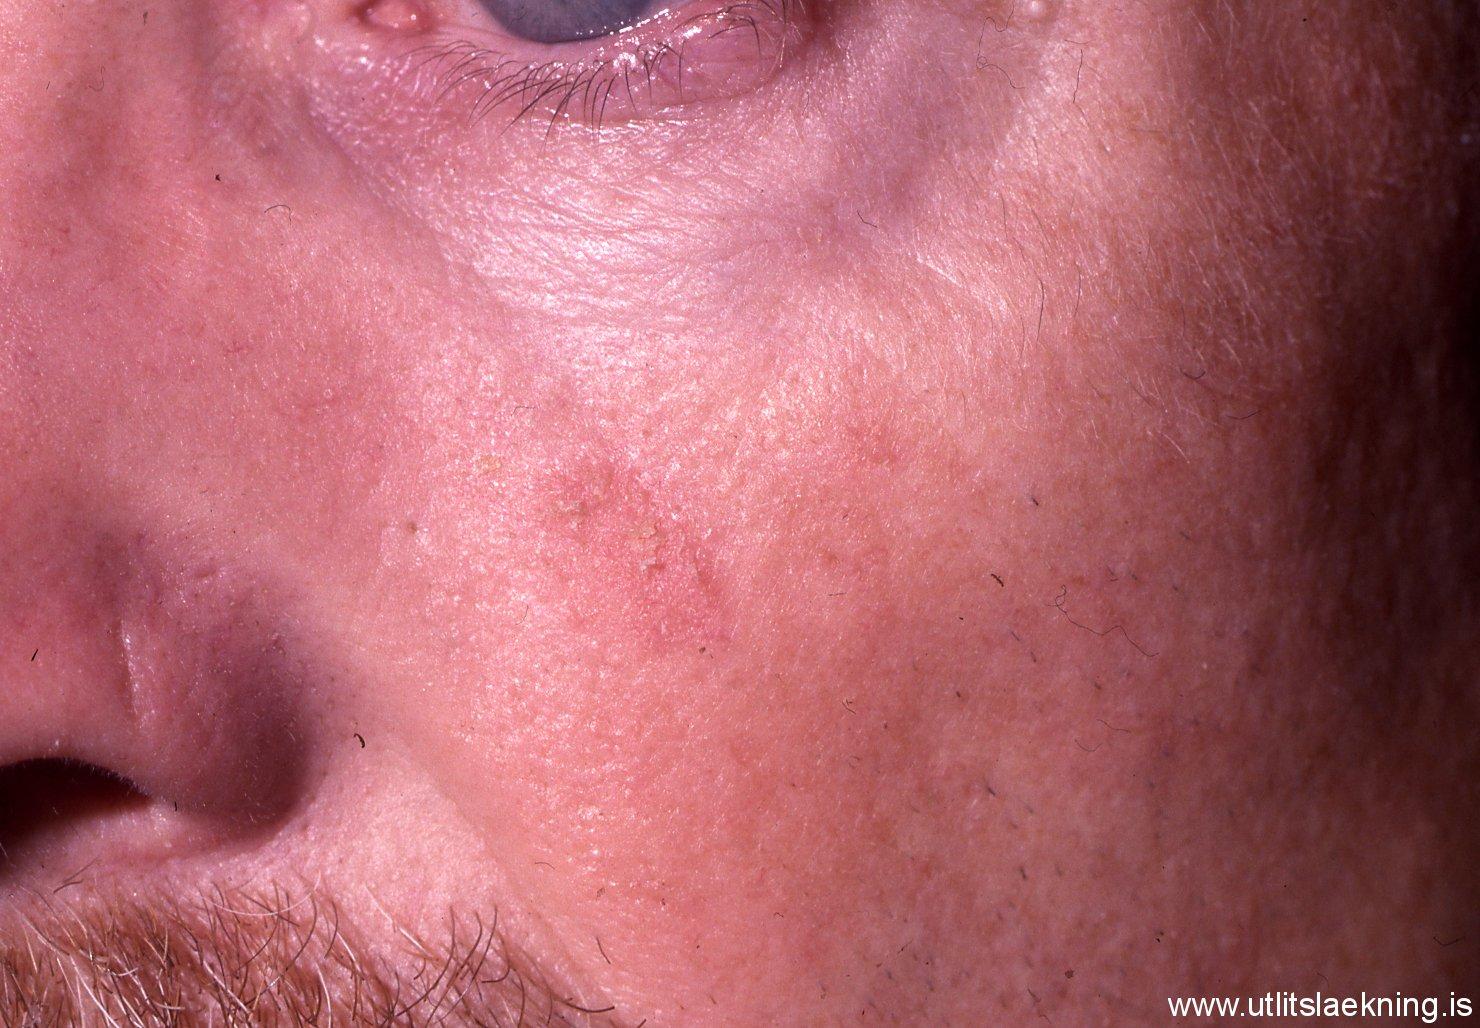 Actinic Keratosis (AK) - SkinCancer.org